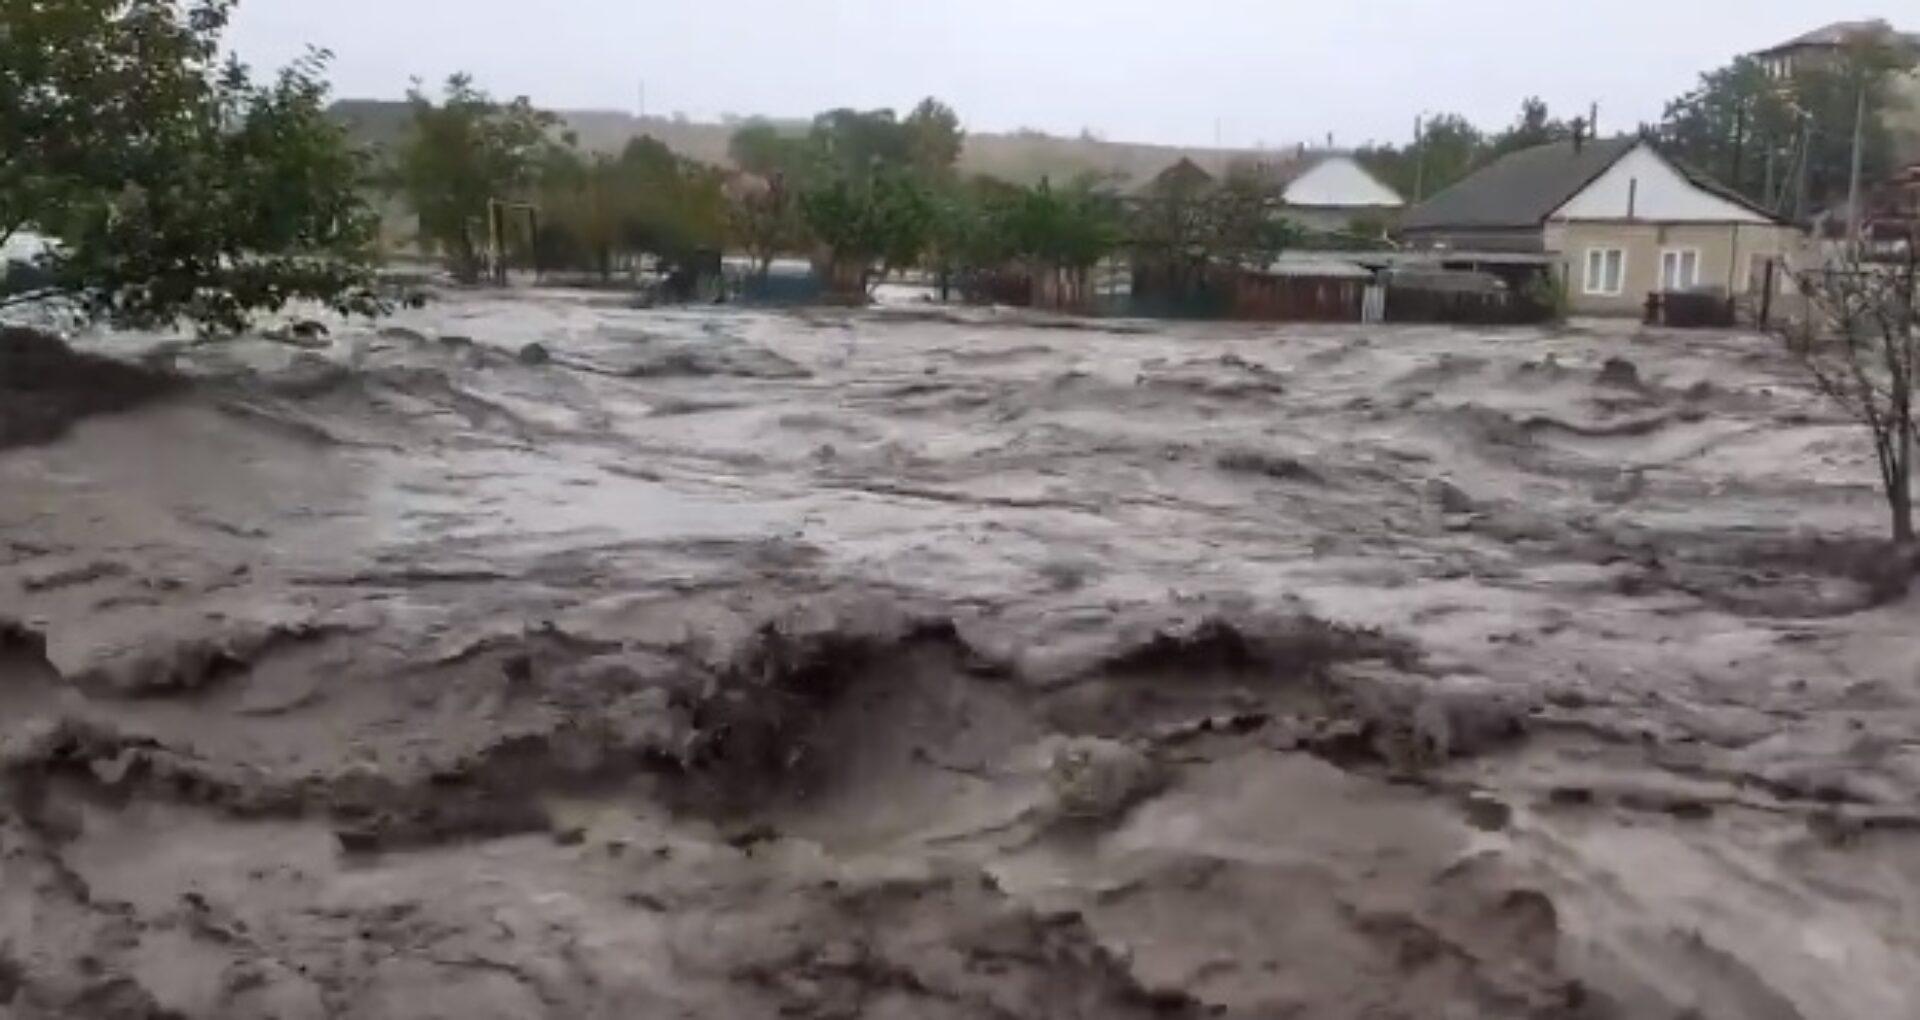 """VIDEO/ Imagini apocaliptice la Comrat: mai multe case și drumuri au fost înghițite de apă. Femeie, în lacrimi: """"Casa mea e acolo… sub apă"""". Patru localnici, transportați la spital"""